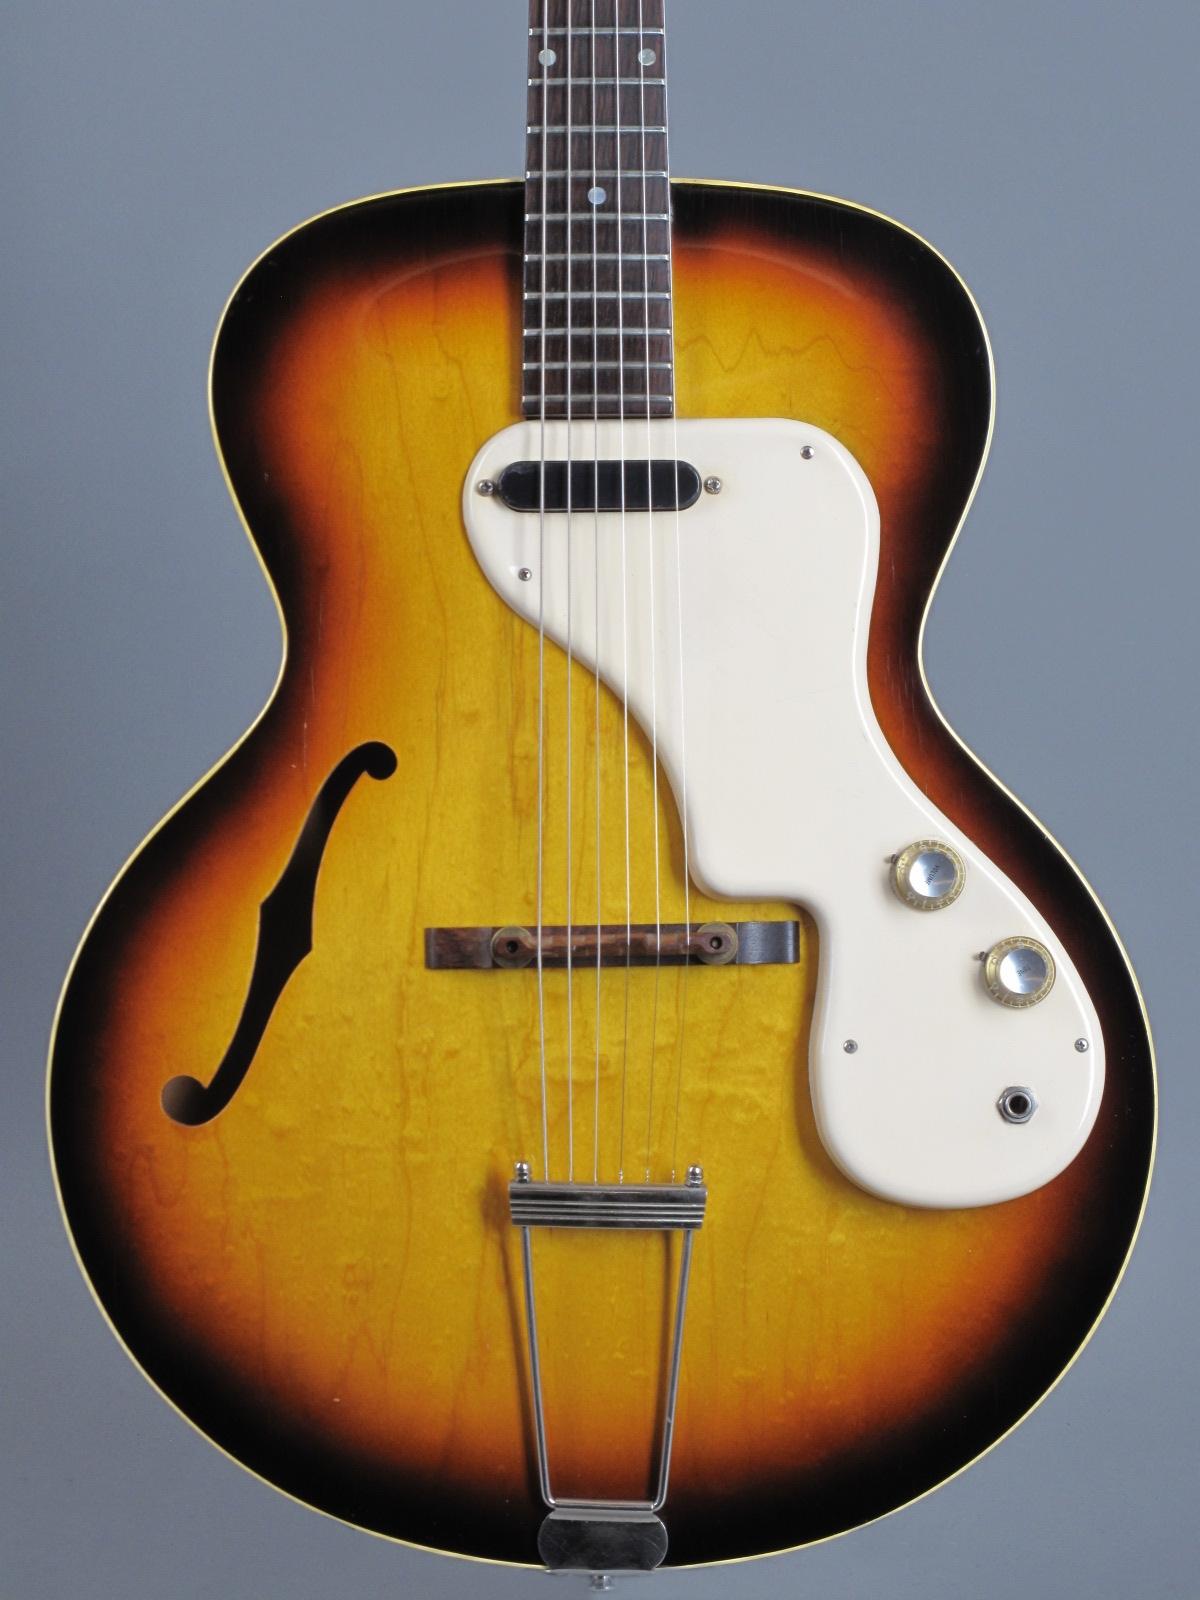 1967 Epiphone Granada - Sunburst